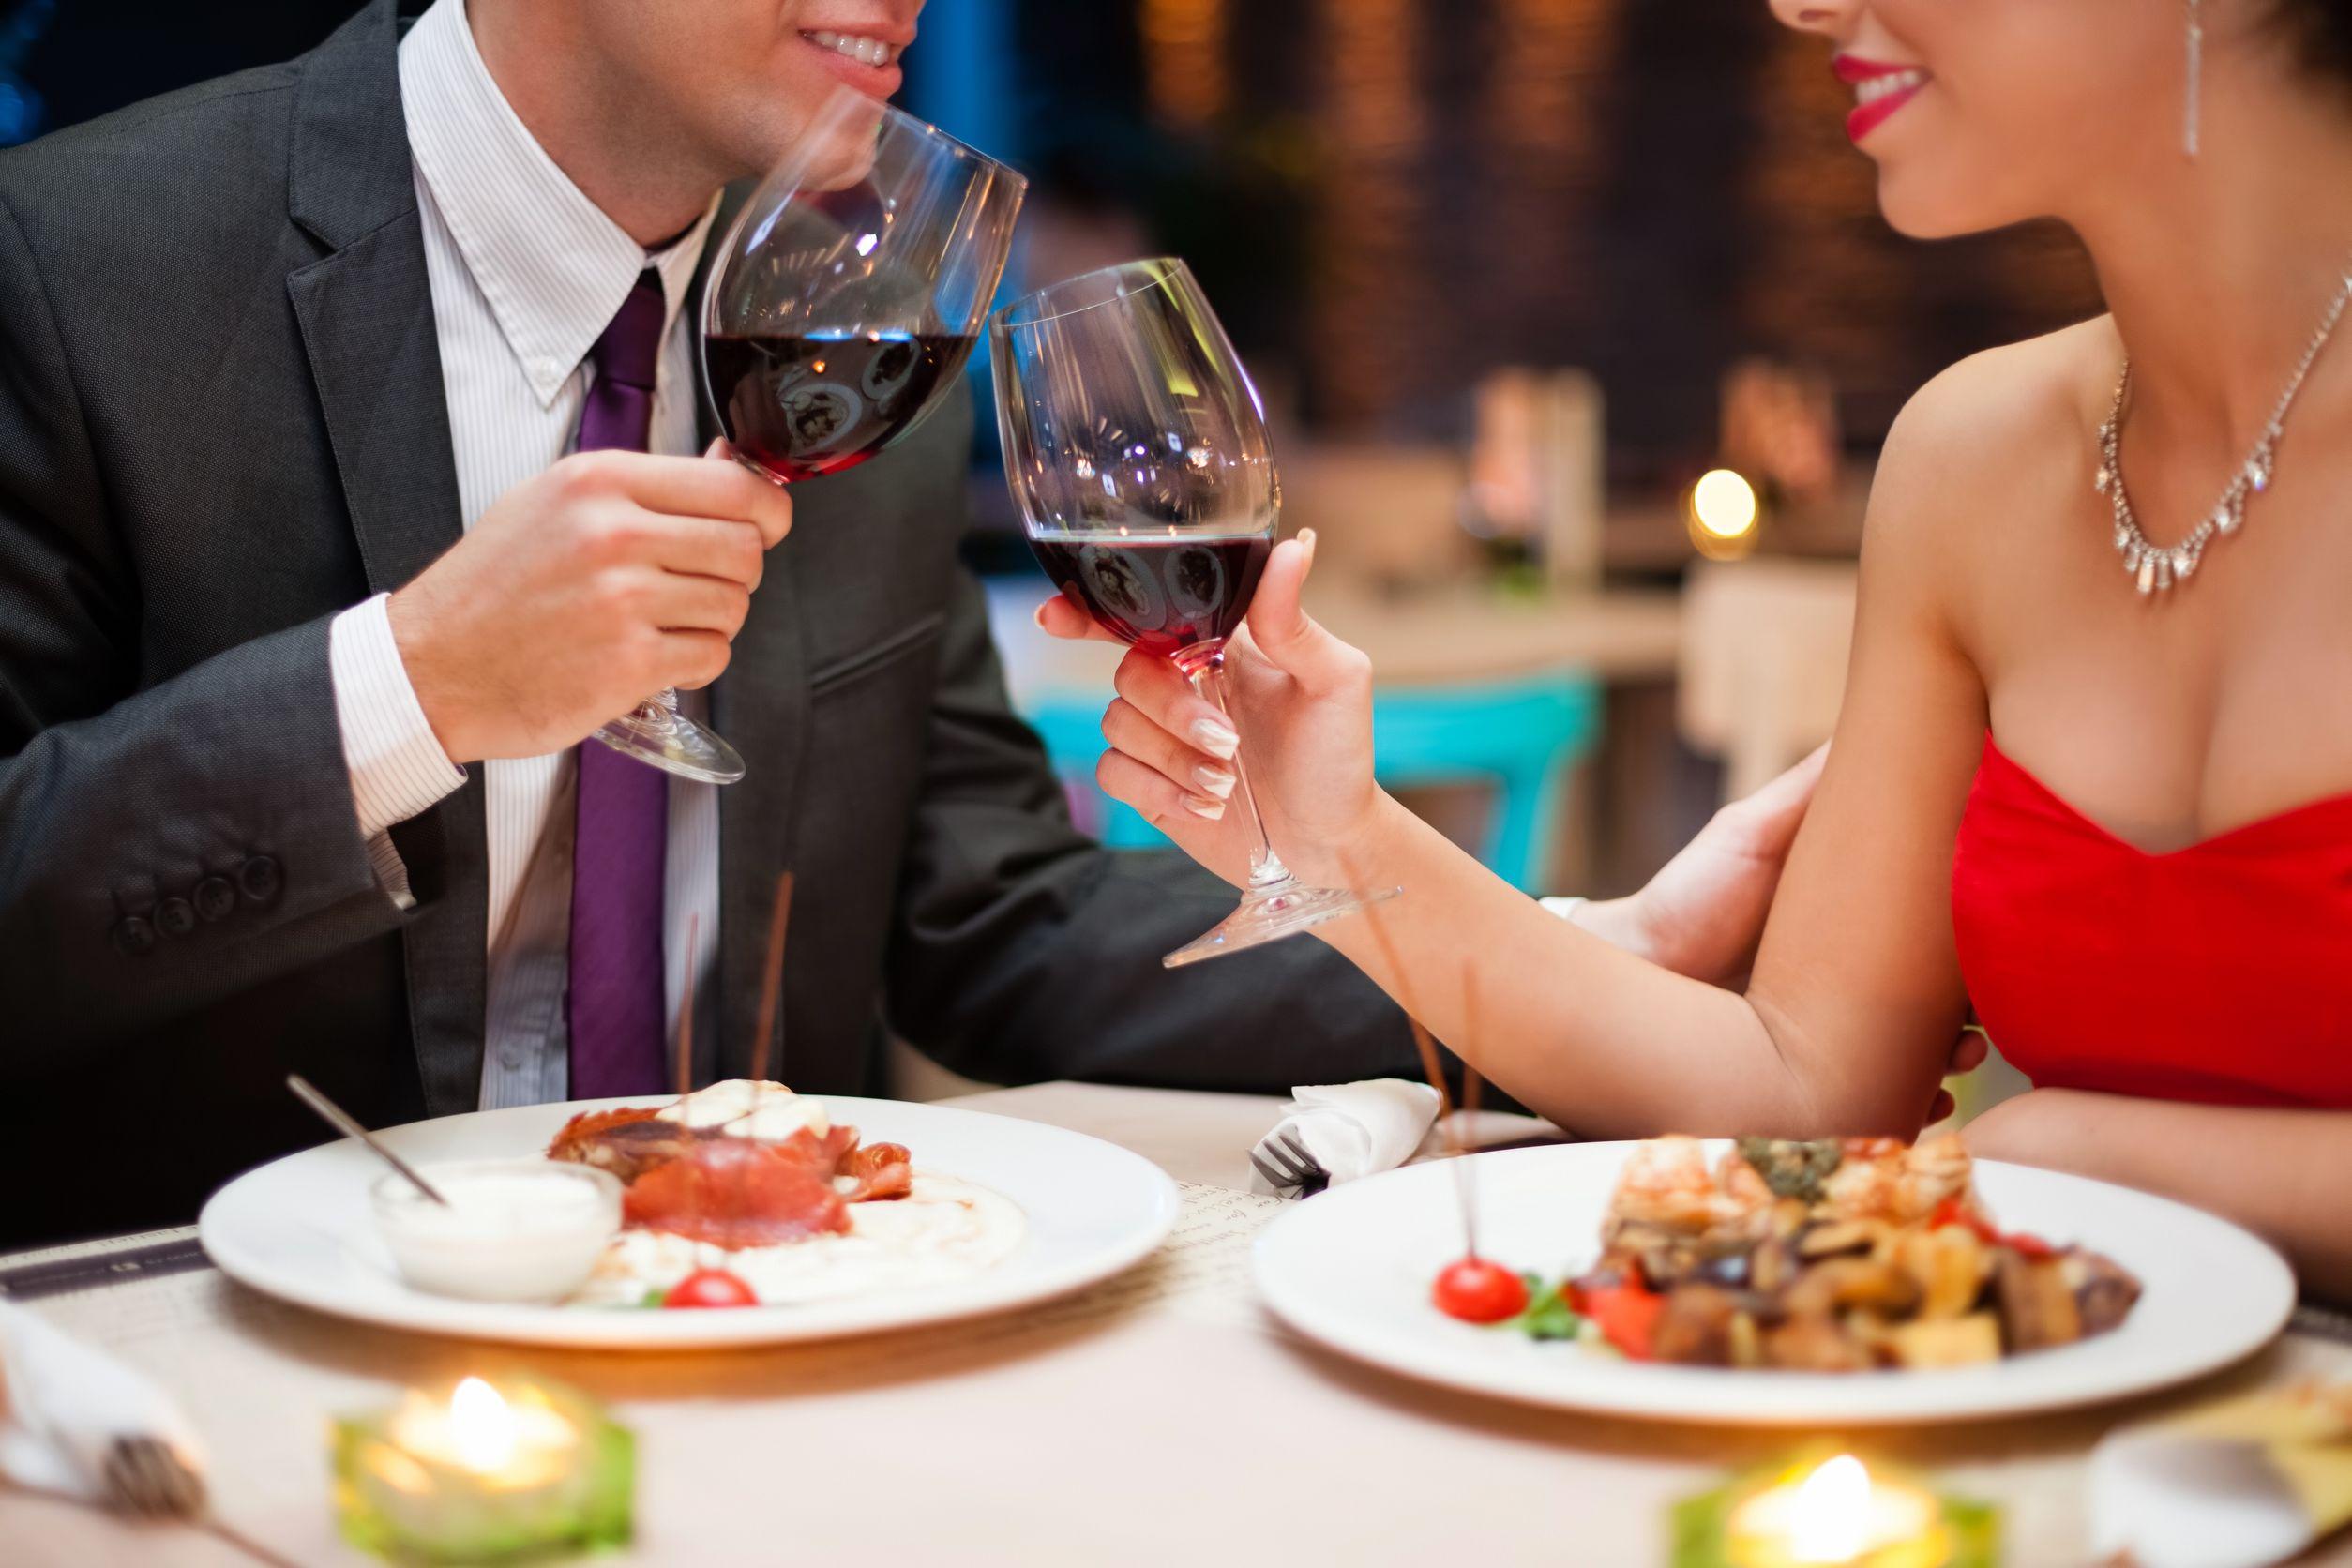 אפליה במקומות ציבוריים: מסעדה שפרסמה הנחה לנשים בלבד שילמה פיצוי לגברים